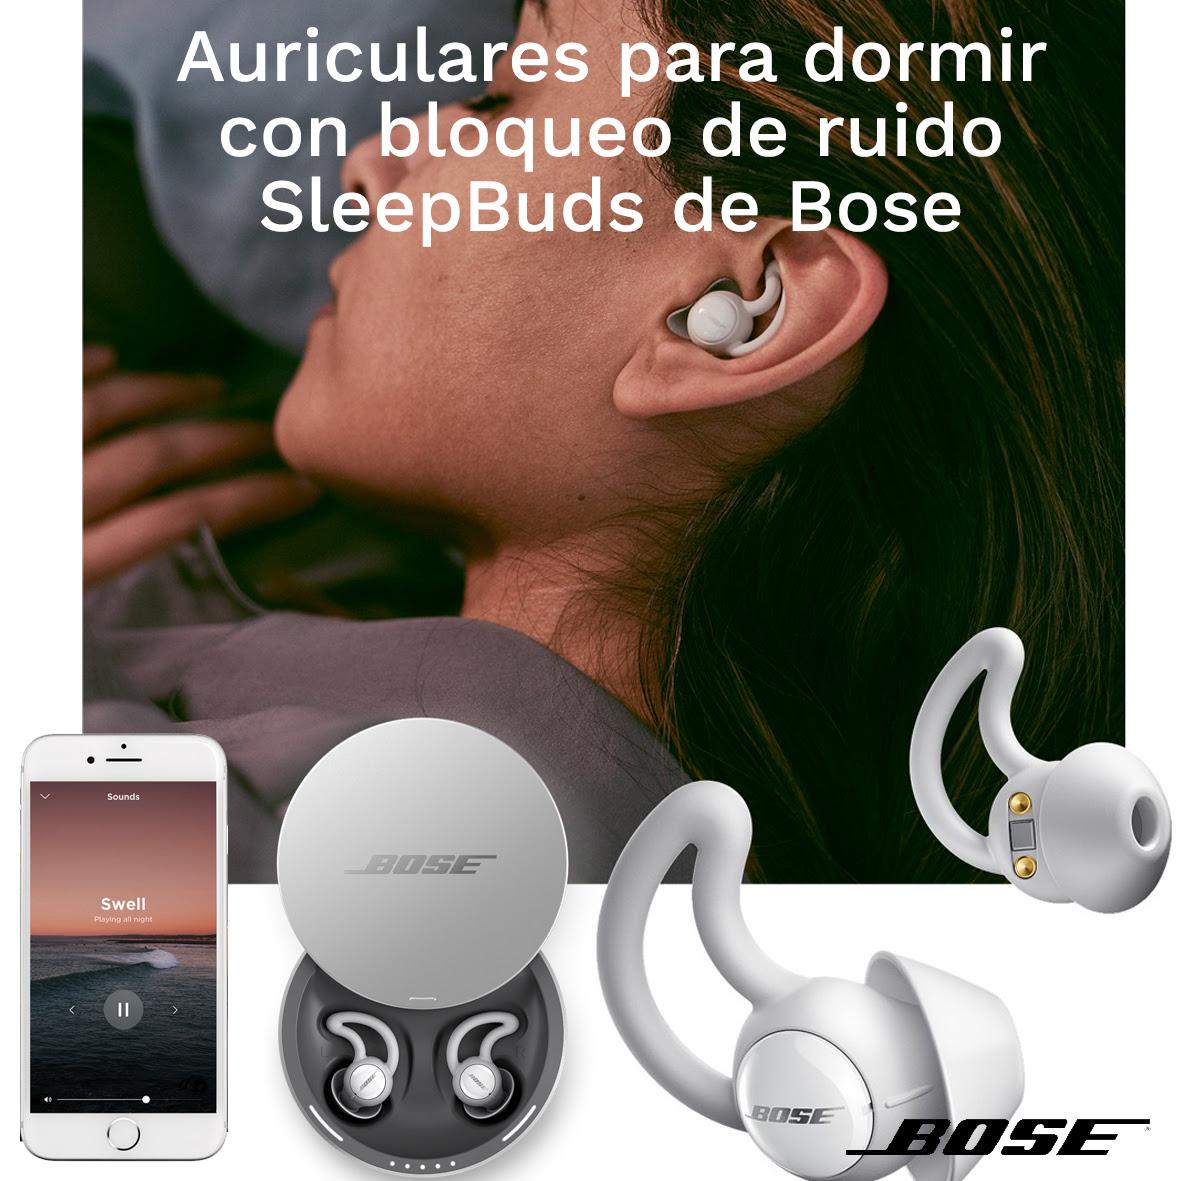 Auriculares para dormir SleepBuds de Bosé